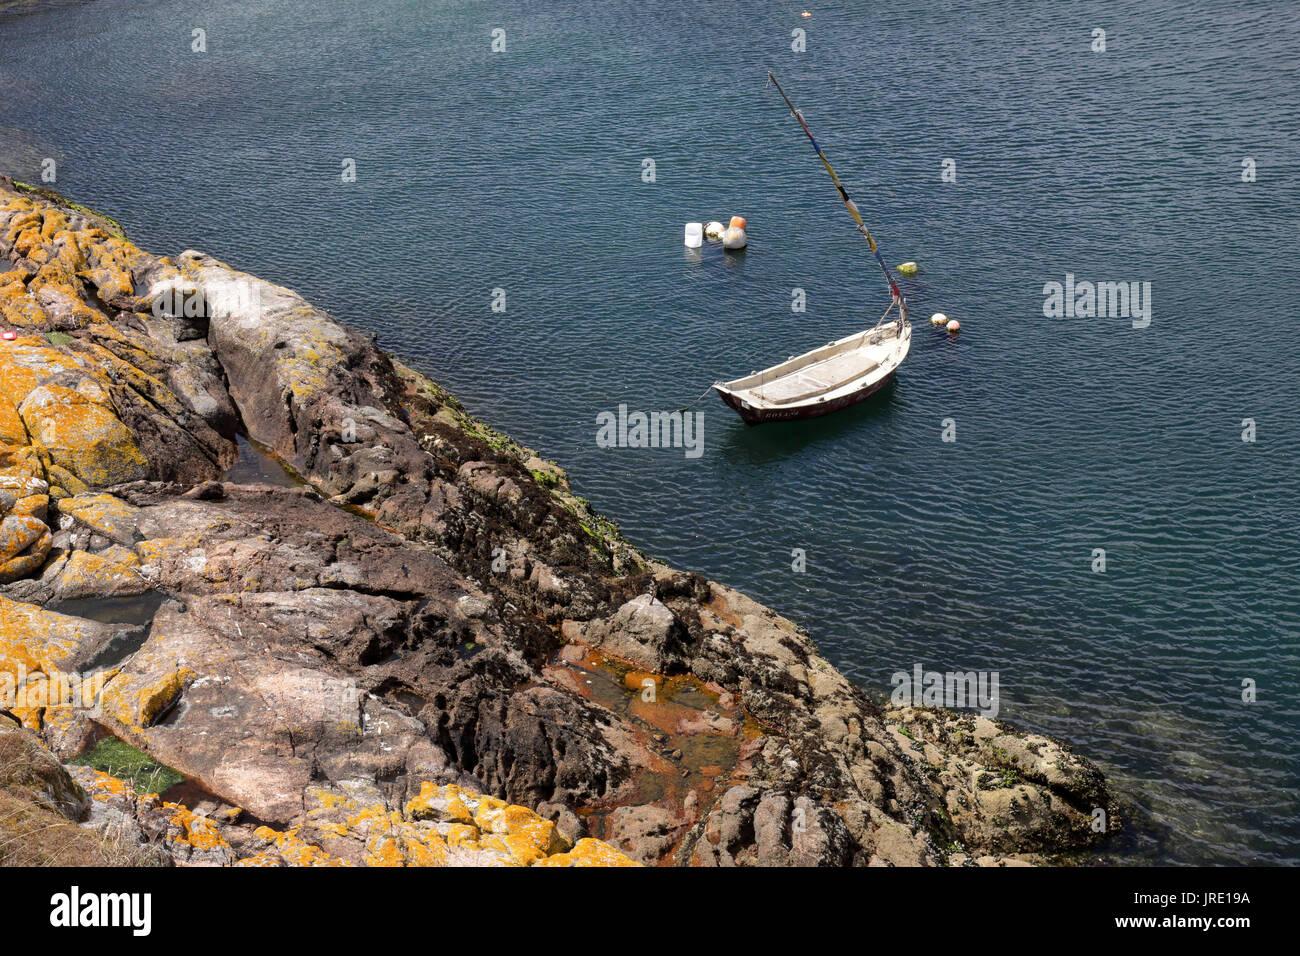 Eine kleine weiße hölzernes Boot in einem Hafen vor Anker neben einem Felsen Pier und Klippen mit einige Bojen. Stockbild